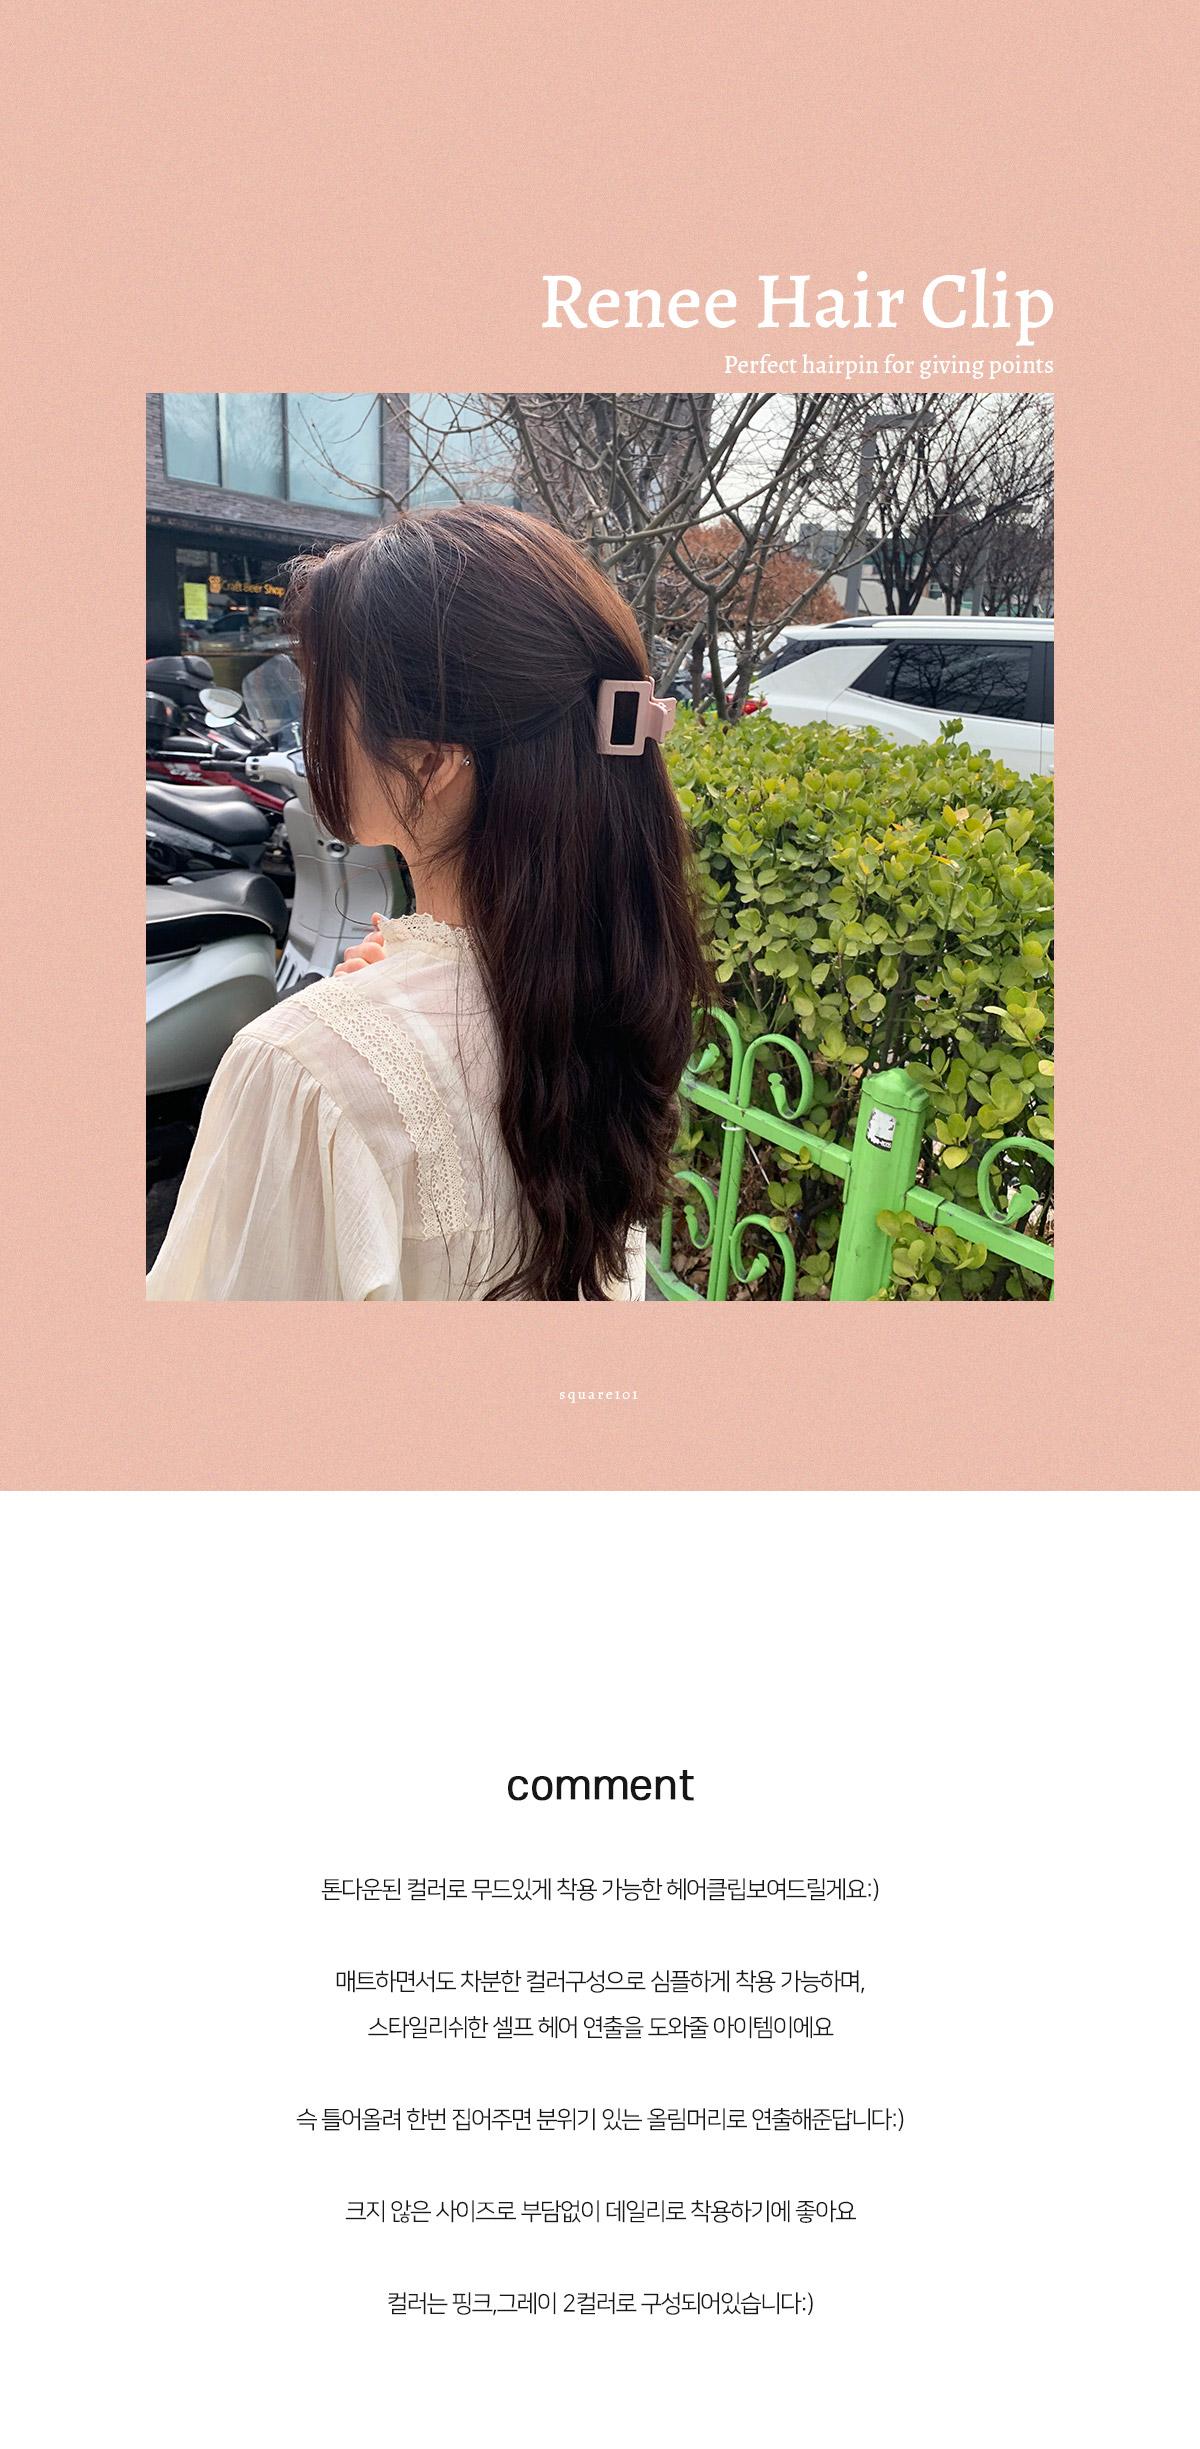 Ren hair clips